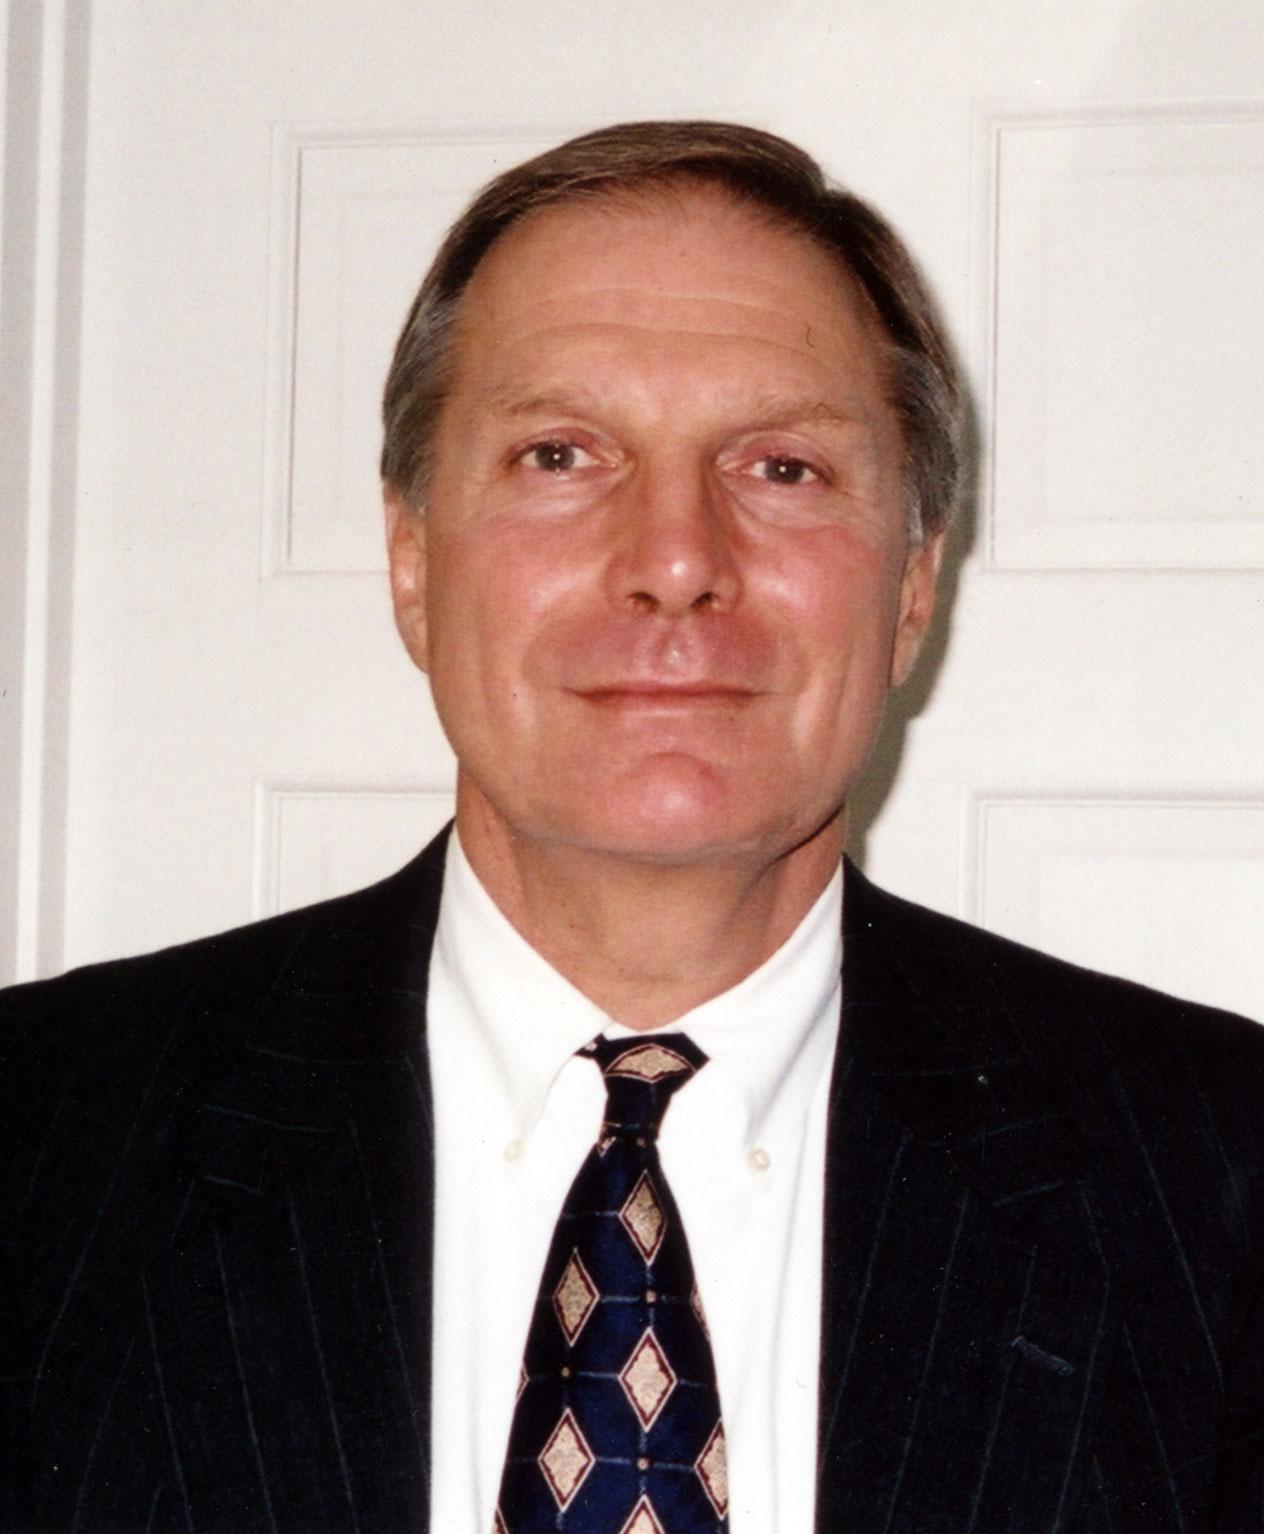 Emeritus - William H. Haverland